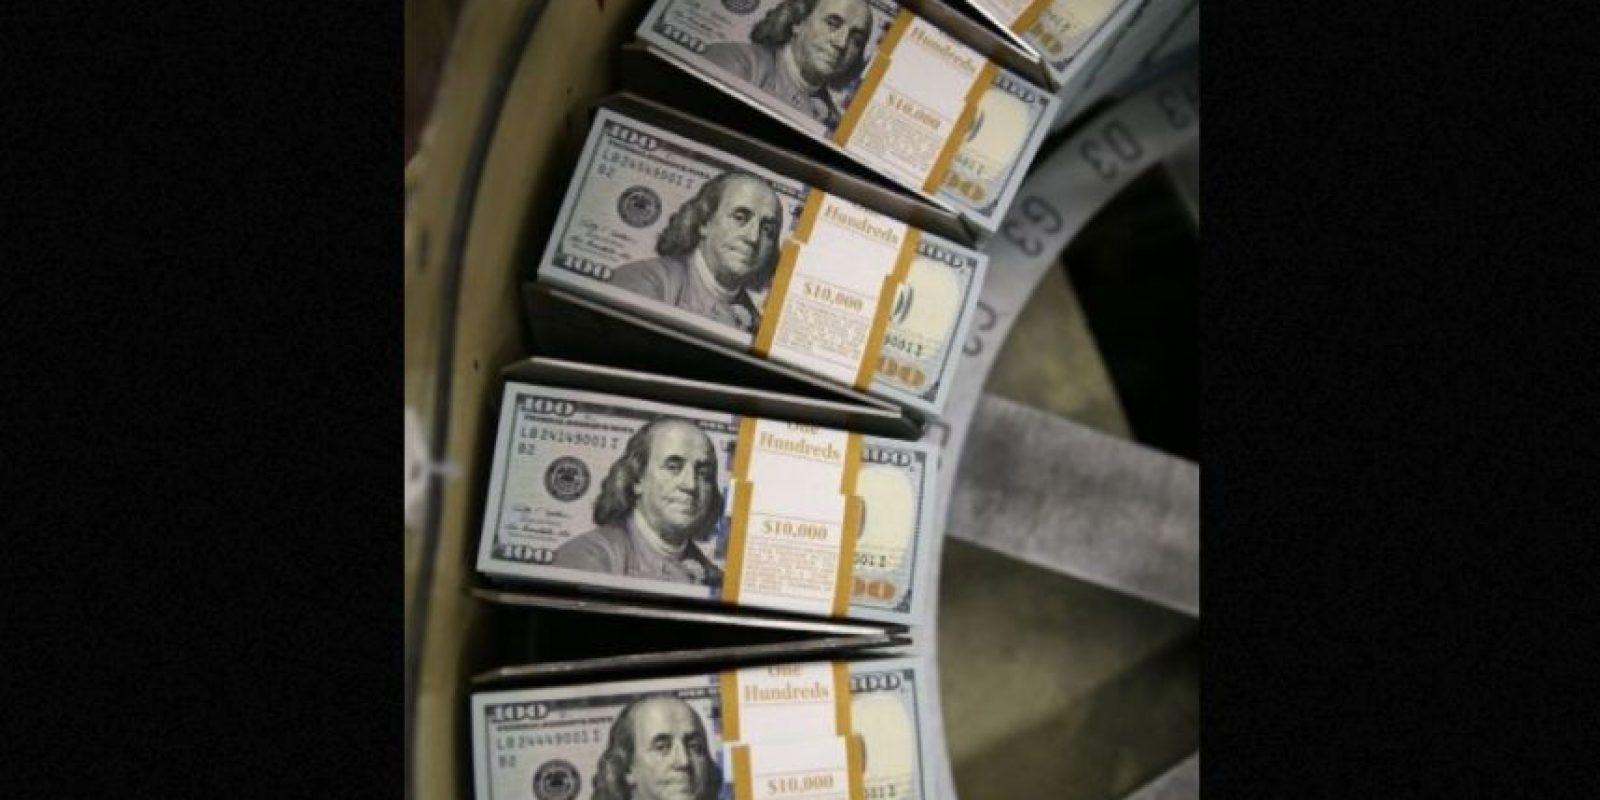 La firma Mossack Fonseca tiene más de 30 sucursales alrededor del mundo y así como ocultaban dinero de figuras mundiales, lo hacían para narcos y otras figuras de dudosa reputación. Foto:Getty Images